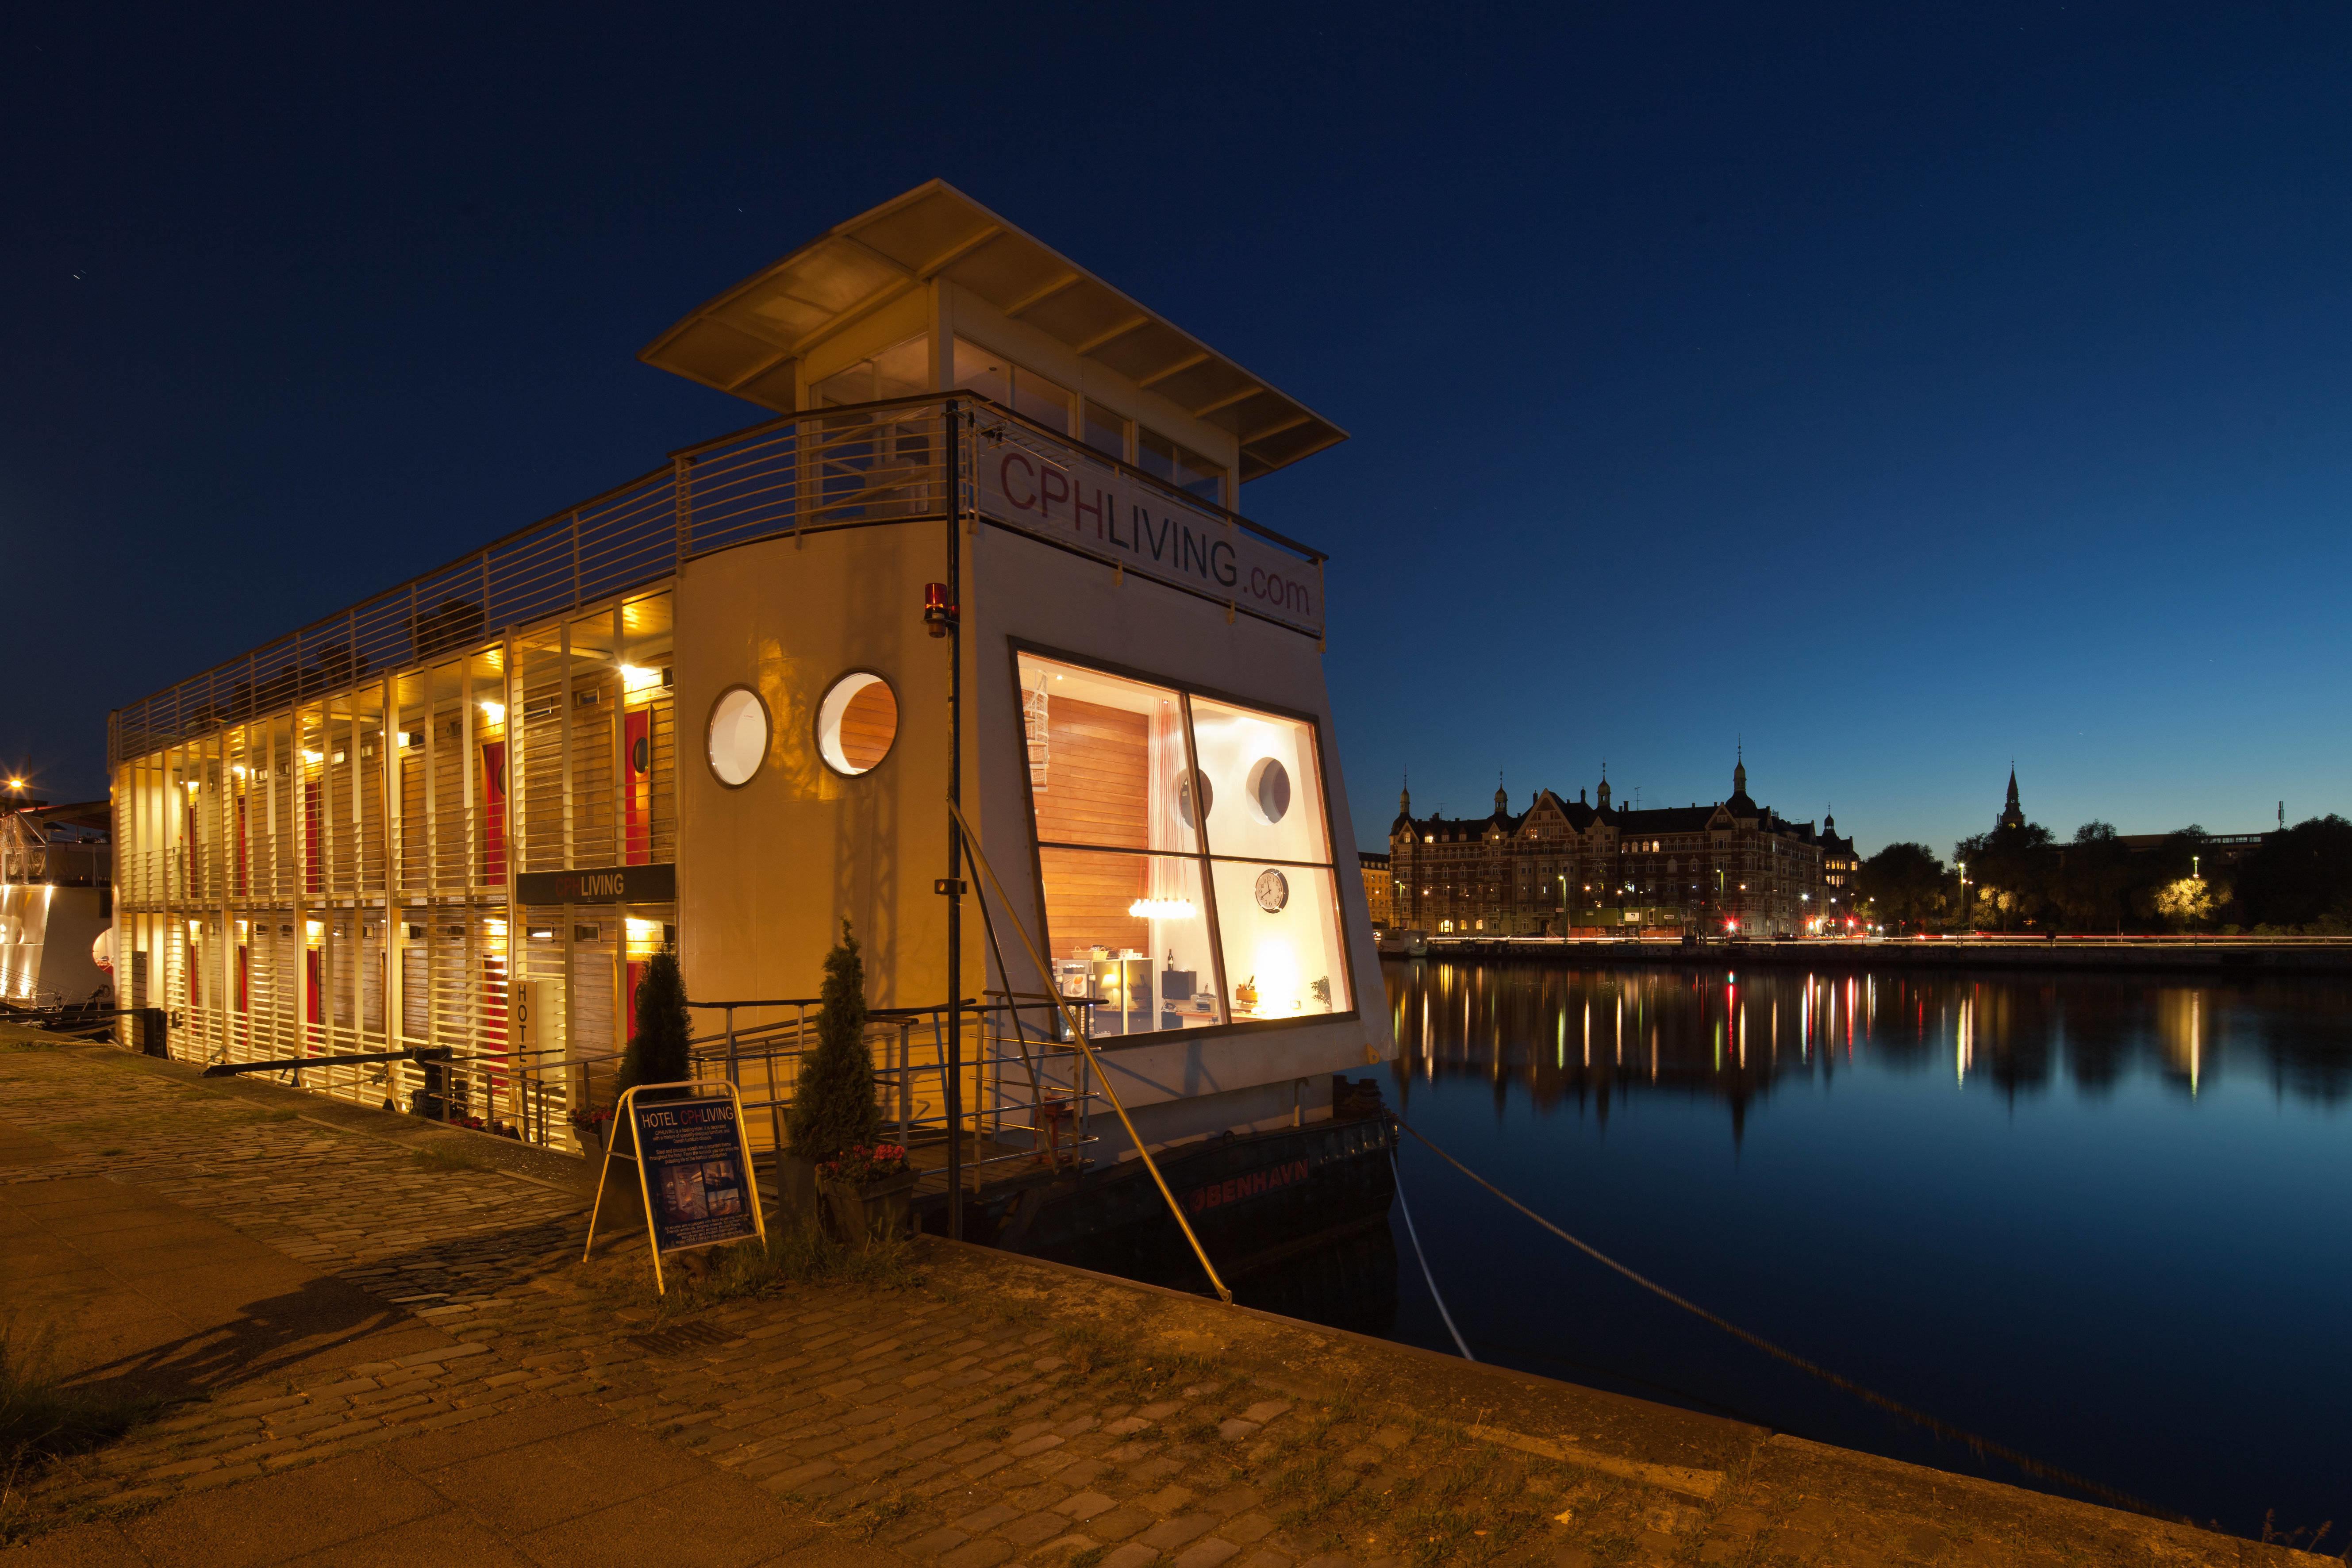 Stay Hotel Kopenhagen : The quirkiest hotels to stay in copenhagen